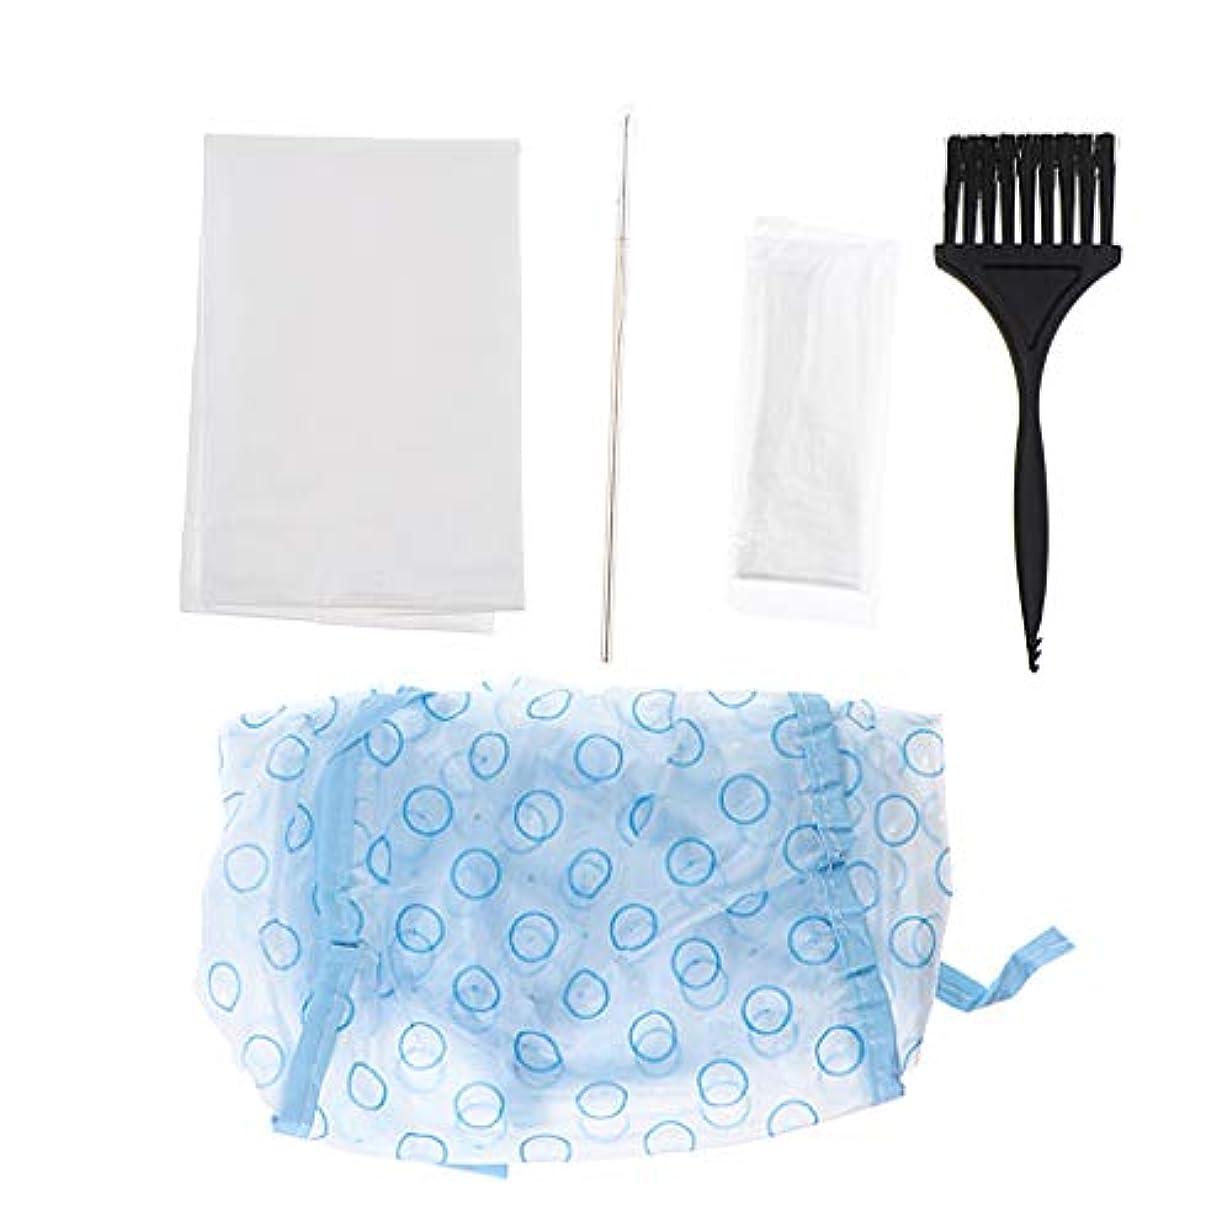 挑む痛み強制5本/セット使い捨てヘアカラー染めツールティントキャップクリップケープブラシ手袋